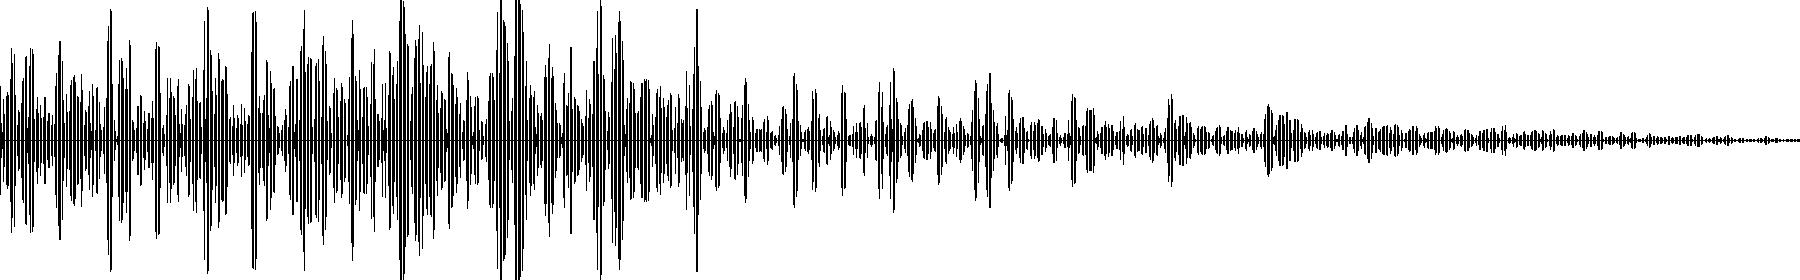 biab glitchhop glitch 10